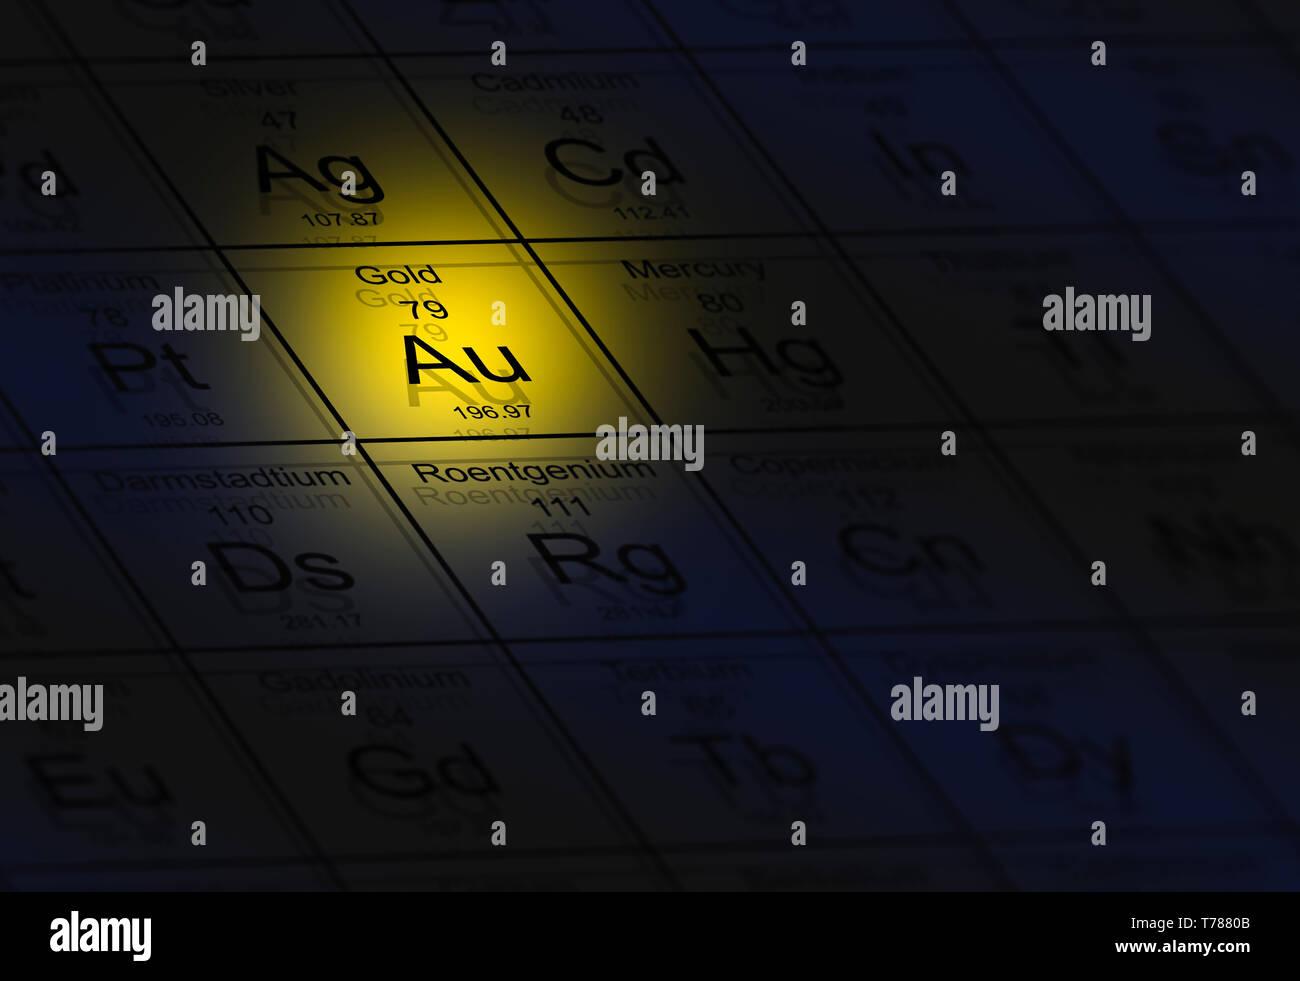 Das chemische Element von Gold (AU) auf das Periodensystem der Elemente hervorgehoben. Stockbild